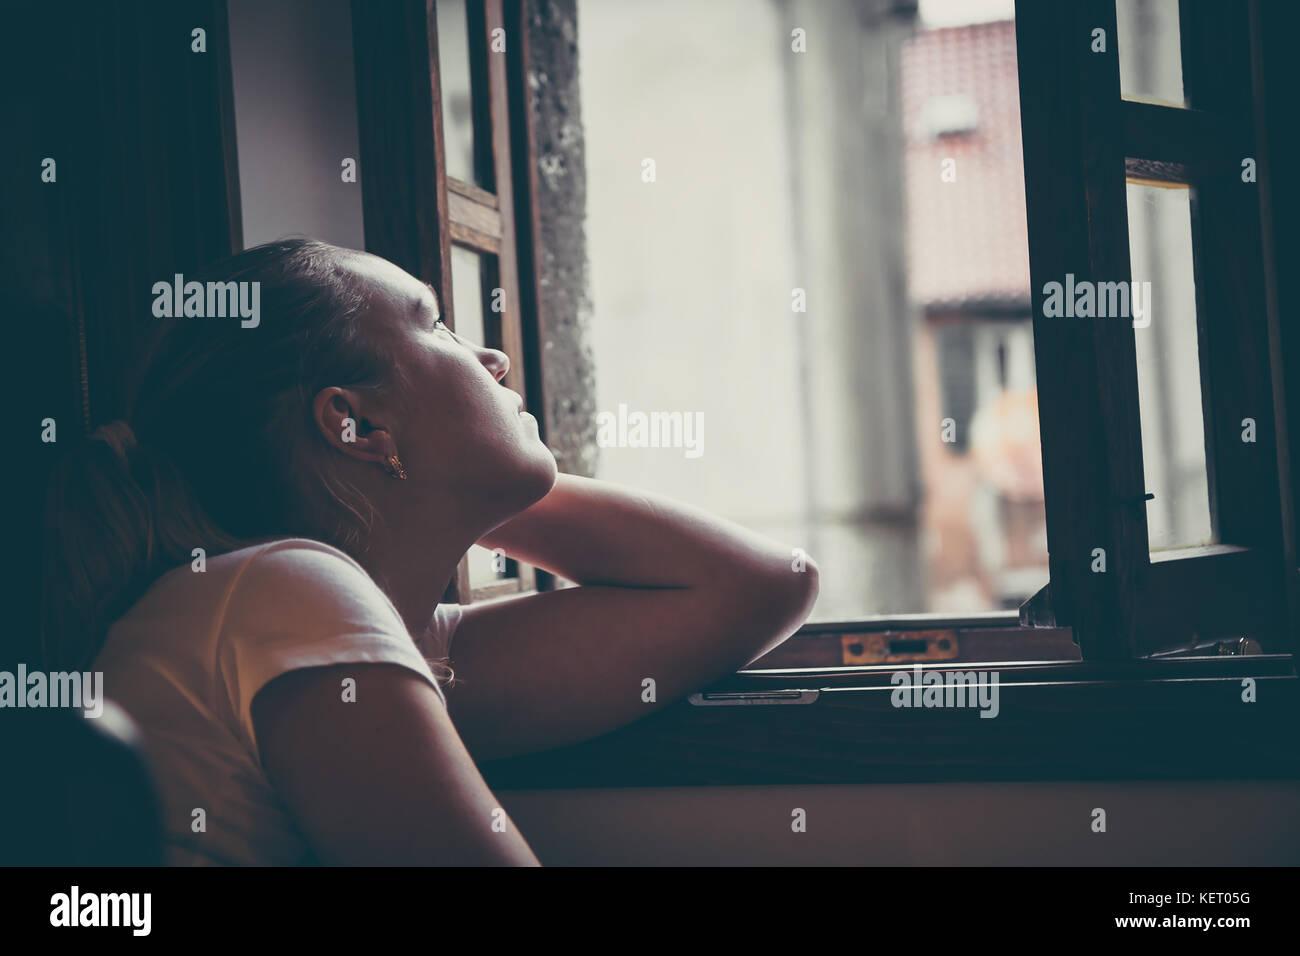 Lonely nachdenkliche Frauen mit nachdenklichen Ausdruck in Gedanken denken und suchen in geöffneten Fenster Stockbild